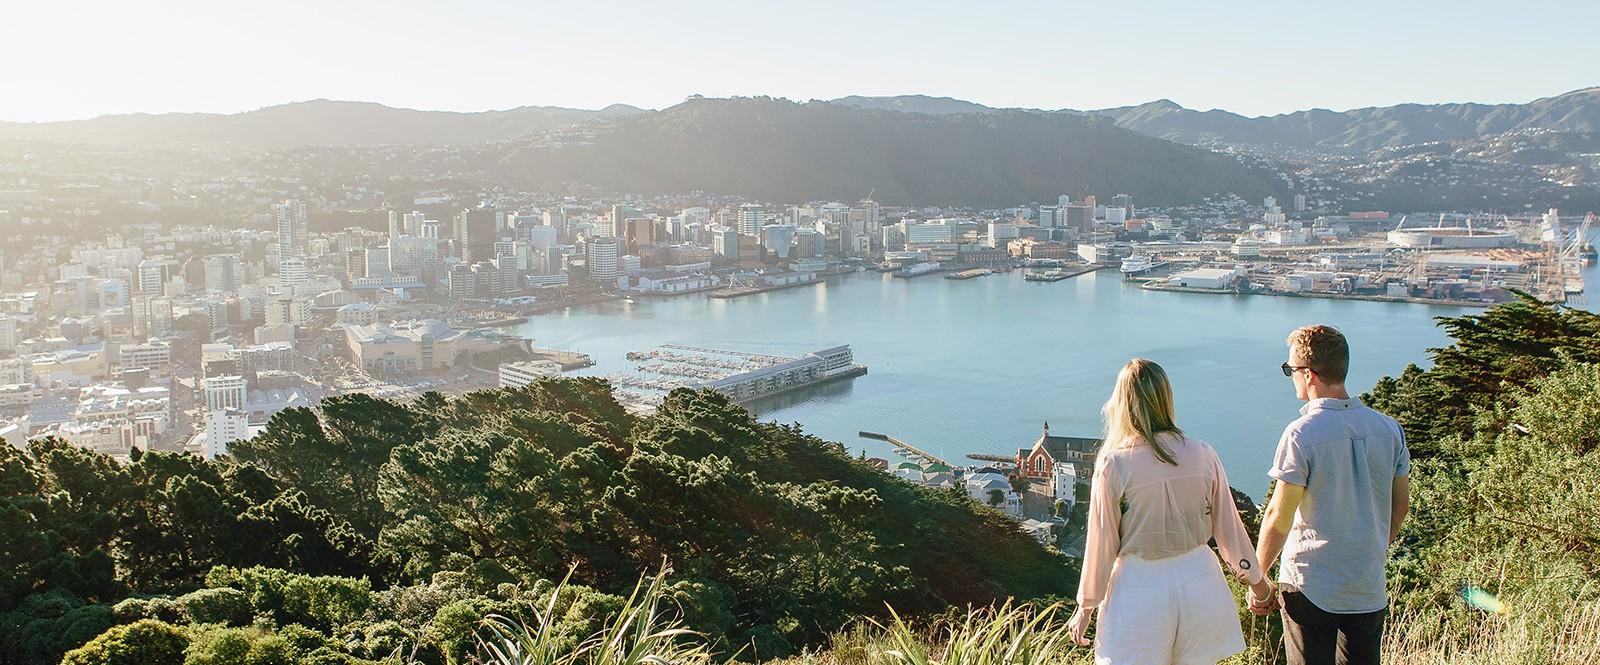 Welington Travel New Zealand and Discover the Kiwi Land